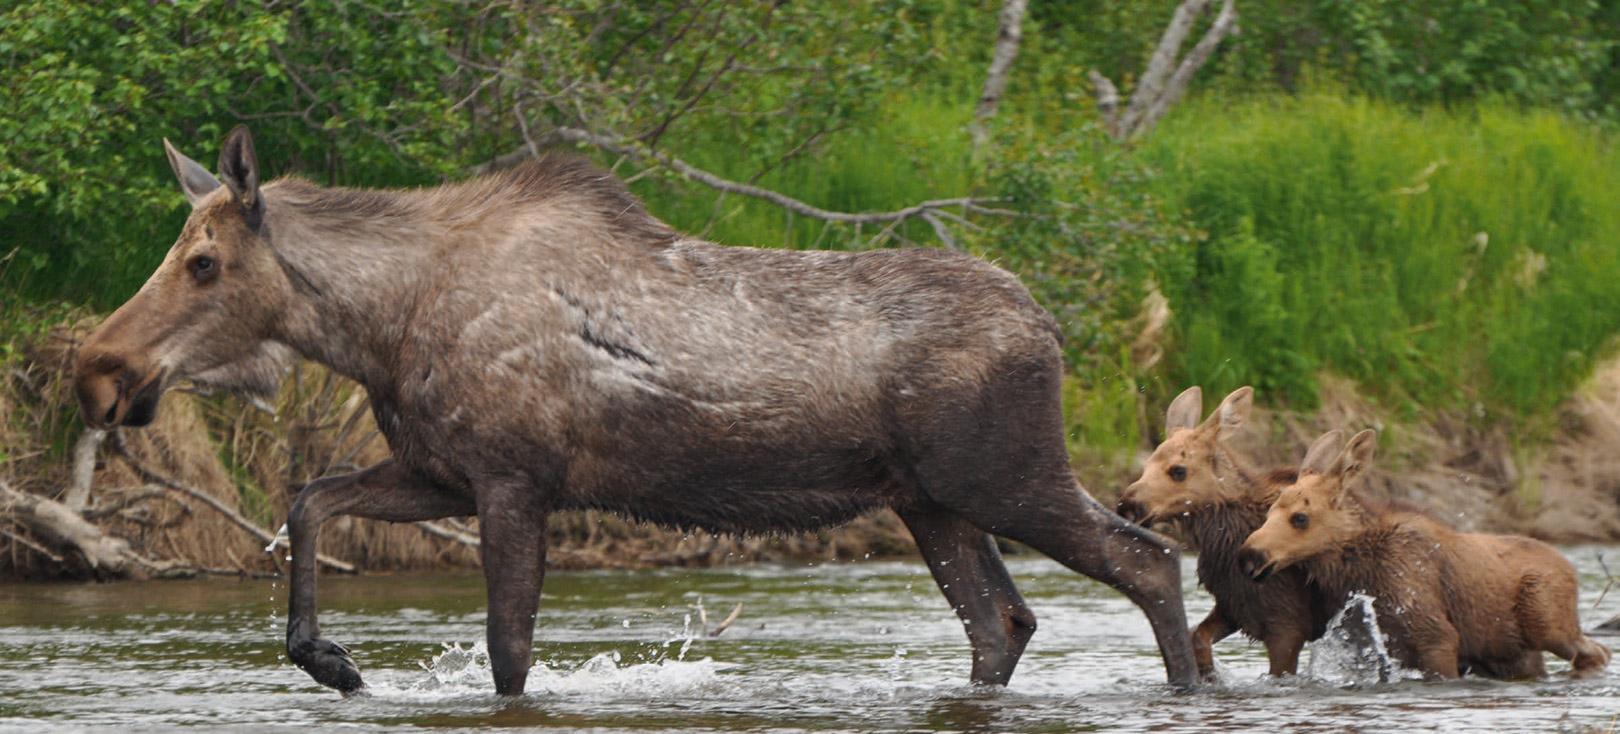 Dyrelivet man ofte oplever på et floattrip i Alaskas uberørte natur er i en klasse for sig. Her ser du den nordamerikanske elg - også kaldet moose. Bjørn, ørn og bæver er bare nogle af de dyr vi normalt ser, mens vi stille floater de små 100 kilometer ned af elven.